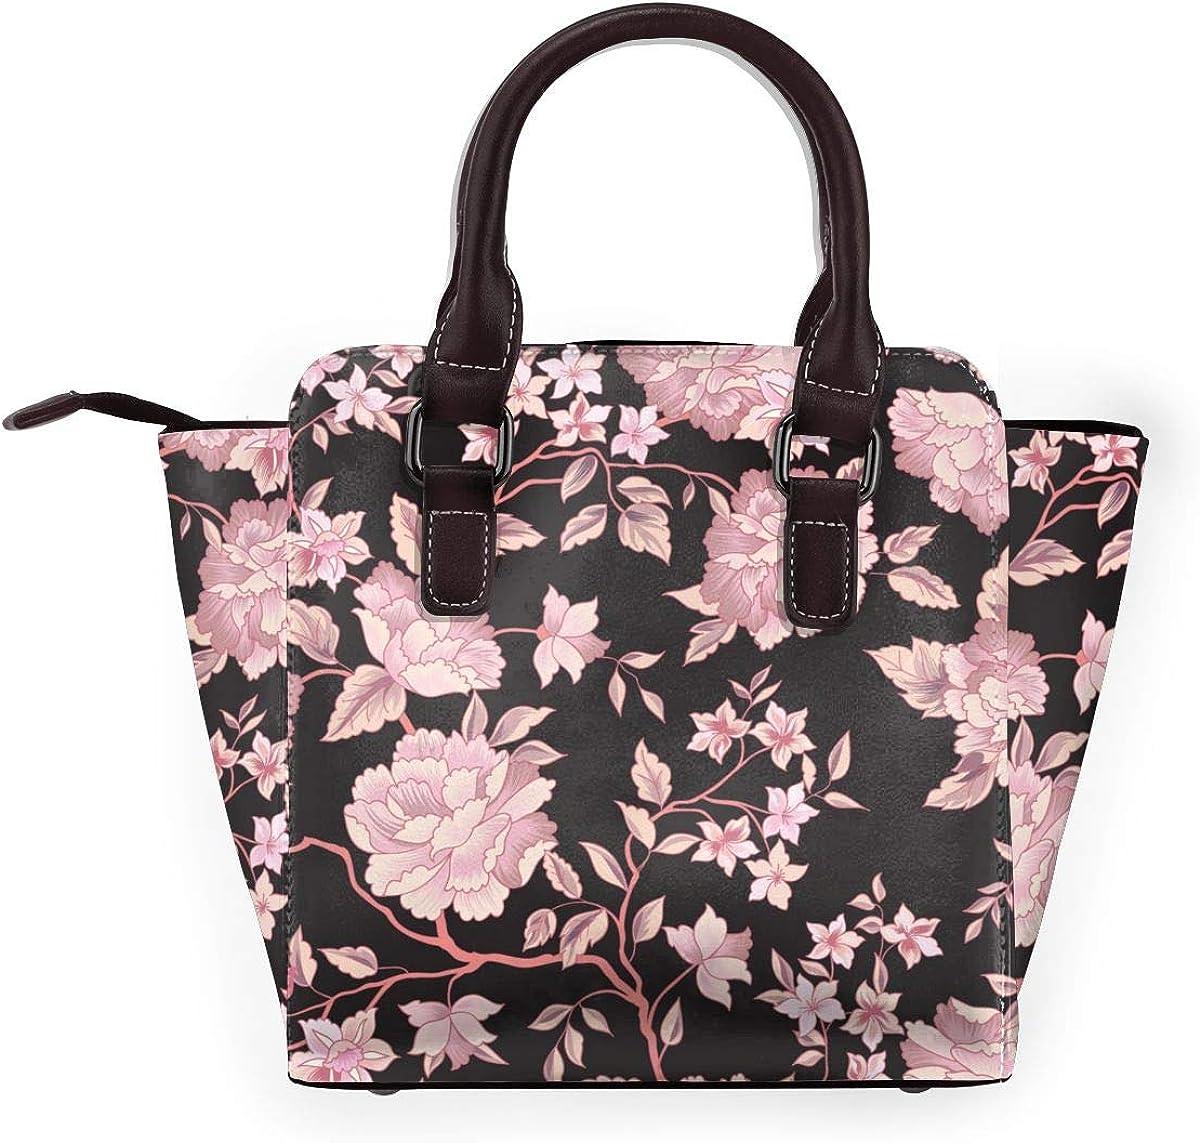 LalaQ Sac à bandoulière en cuir véritable avec rivets pour femme Style rétro Fleurs Motif Floral Rose.